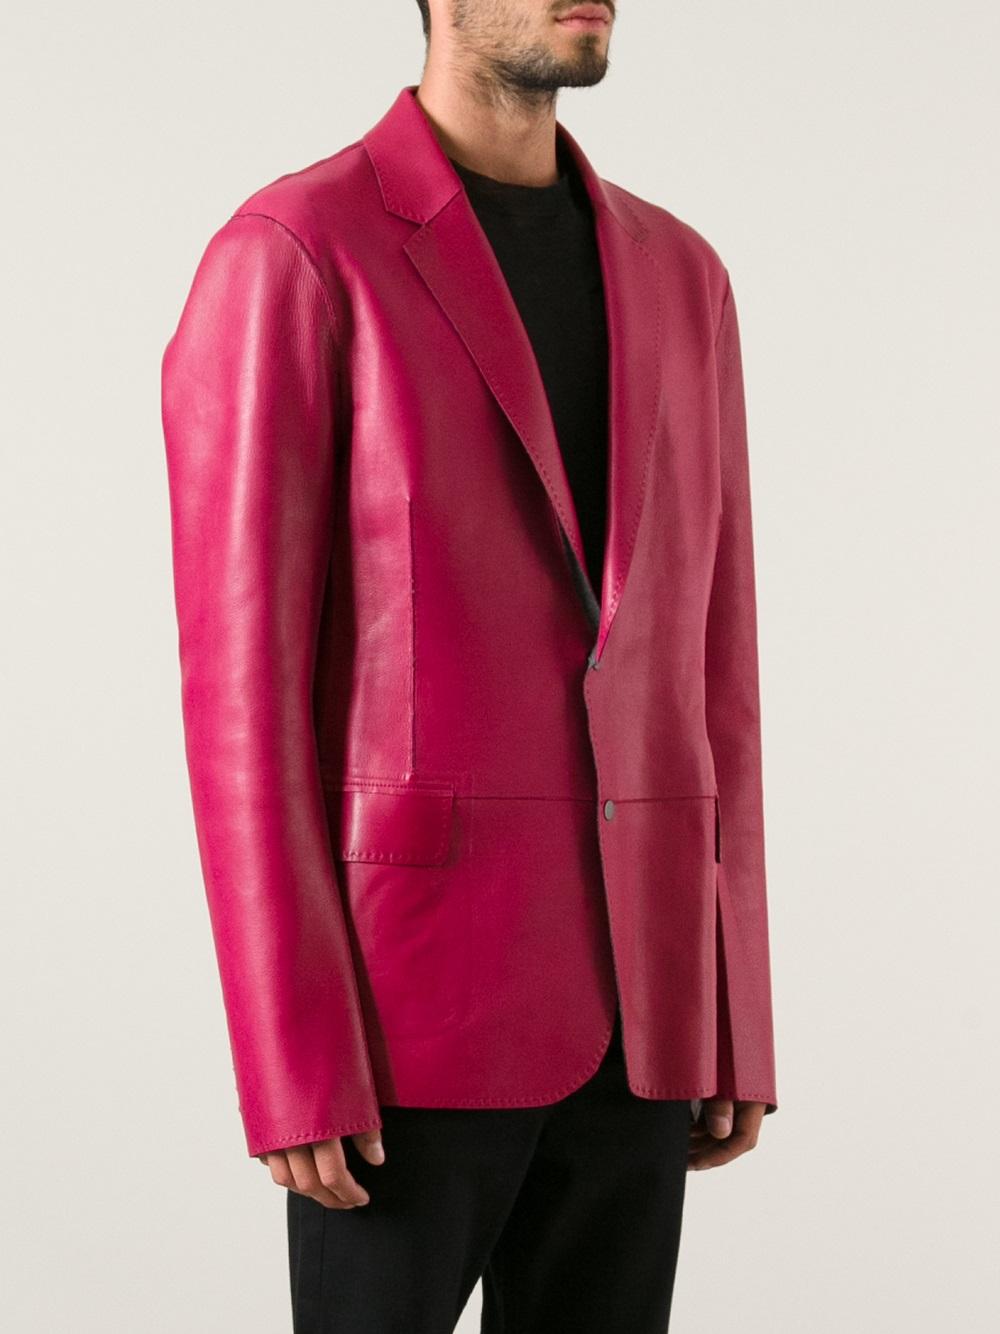 Lanvin Leather Jacket In Purple For Men Lyst